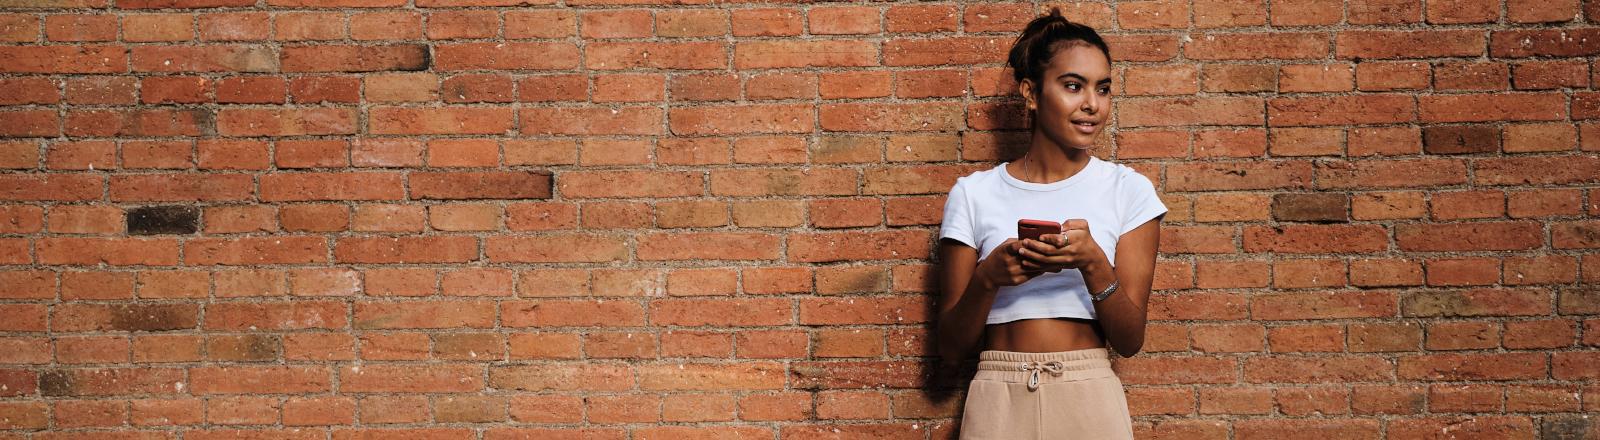 Junge Frau steht mit ihrem Smartphone an einer Wand